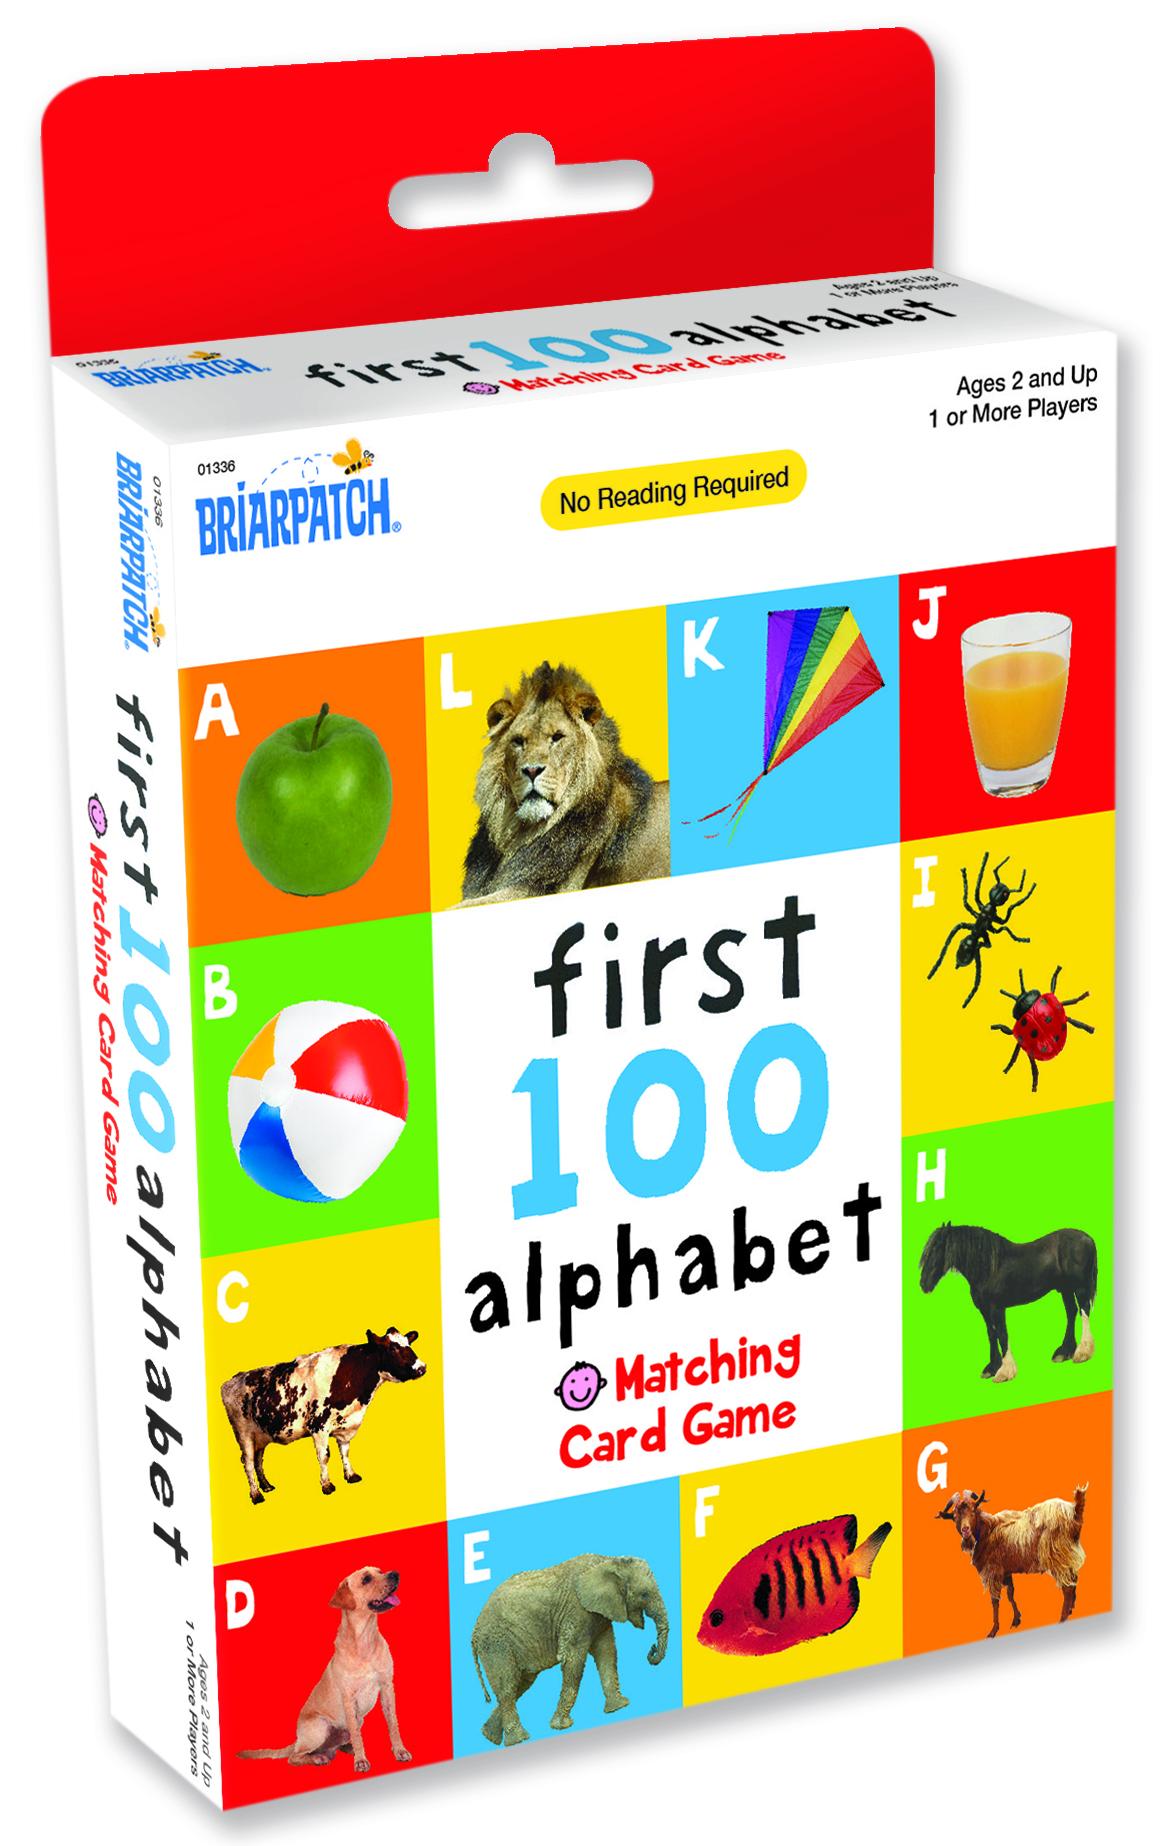 First 100 Alphabet